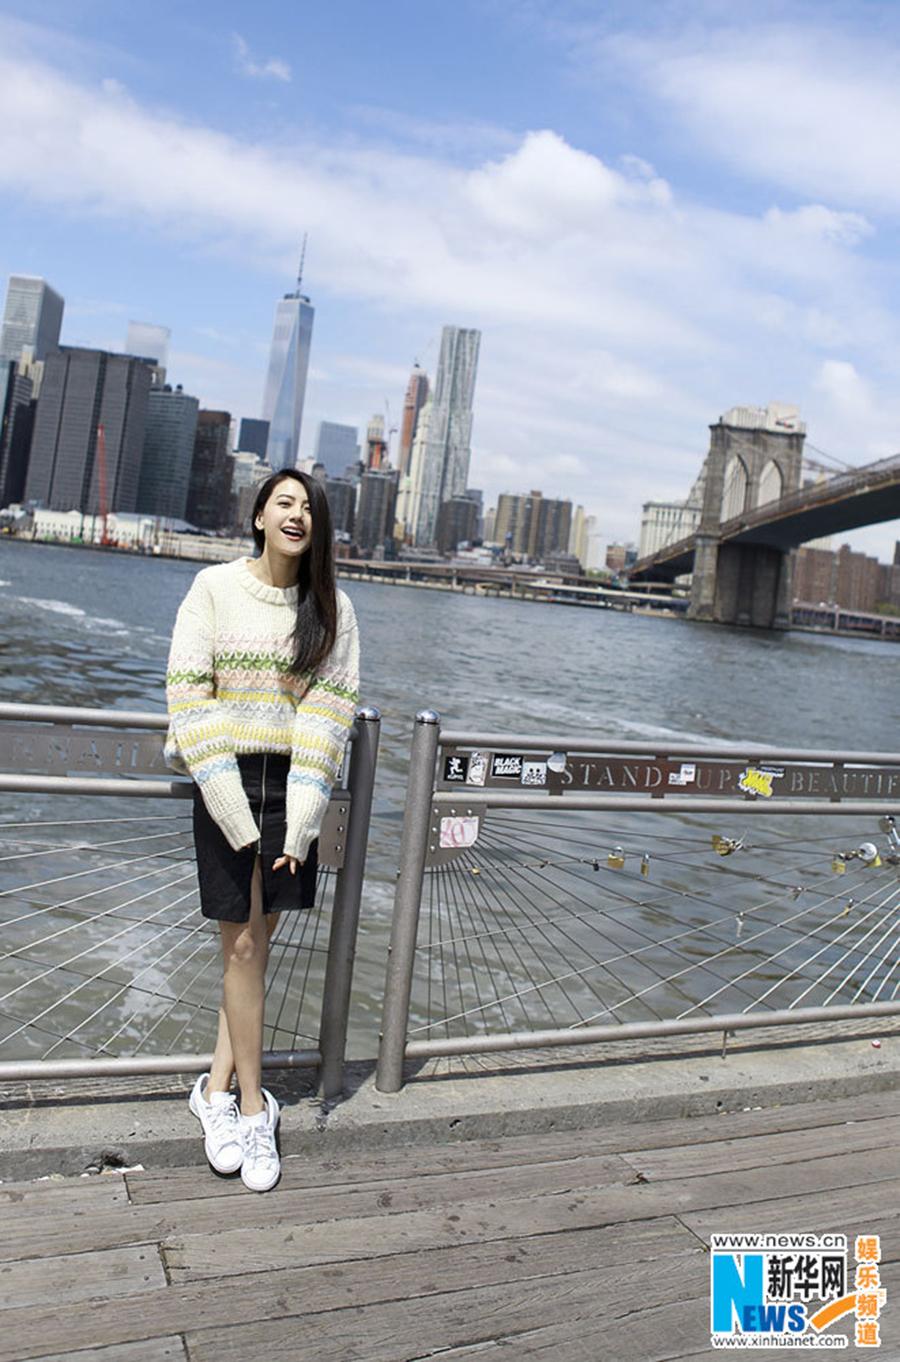 高圆圆纽约街拍美照 笑容灿烂温暖明媚